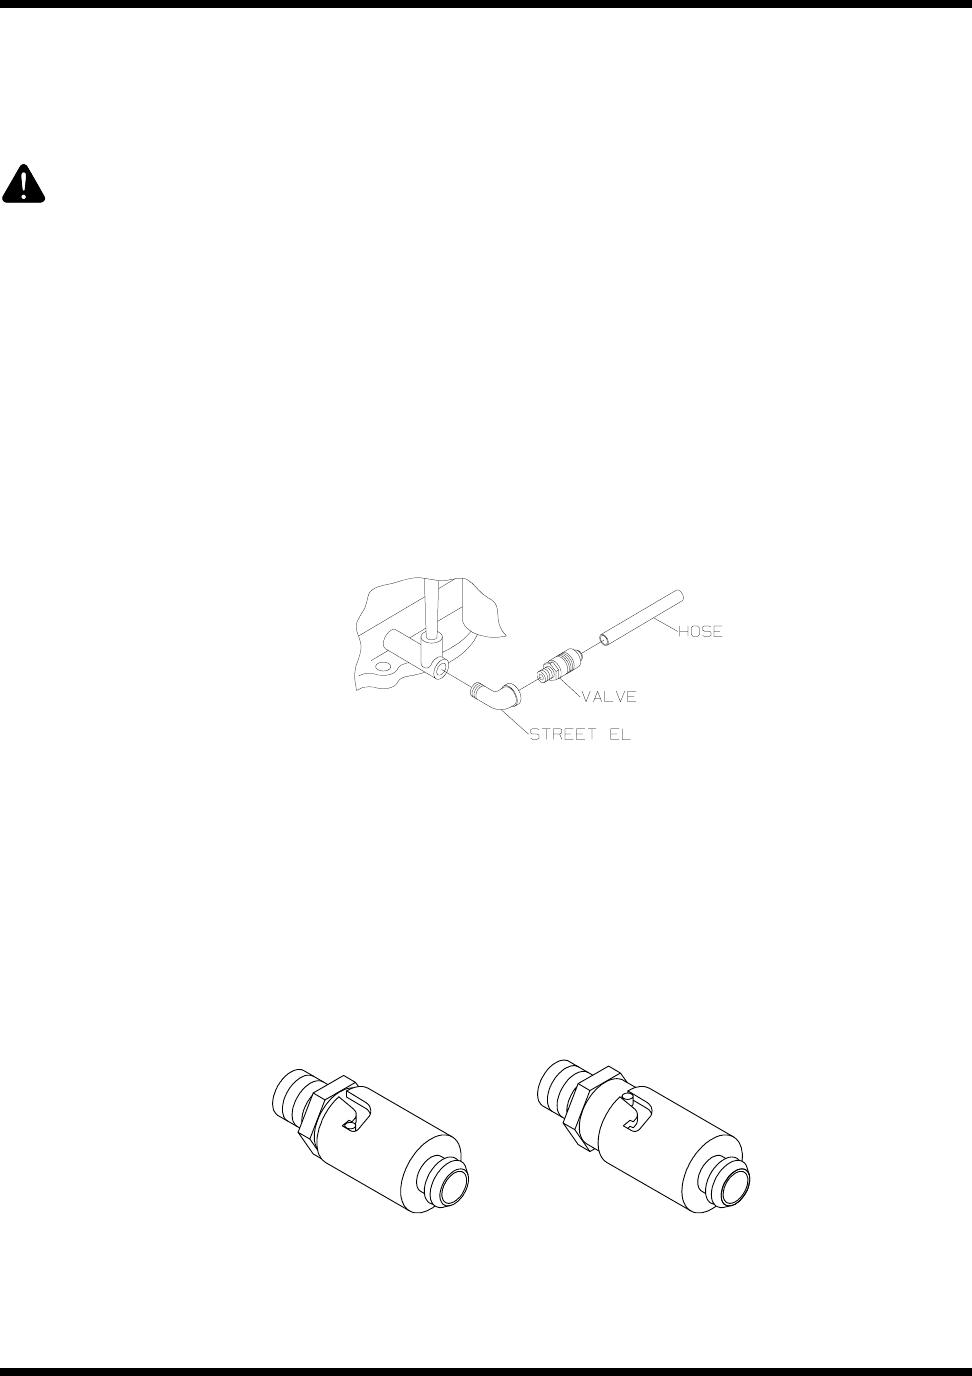 Dixon Ztr 2301 Ignition Wiring Diagram Wire Diagrams For 1939 Chevy – Dixon Ztr 2301 Ignition Wiring Diagram